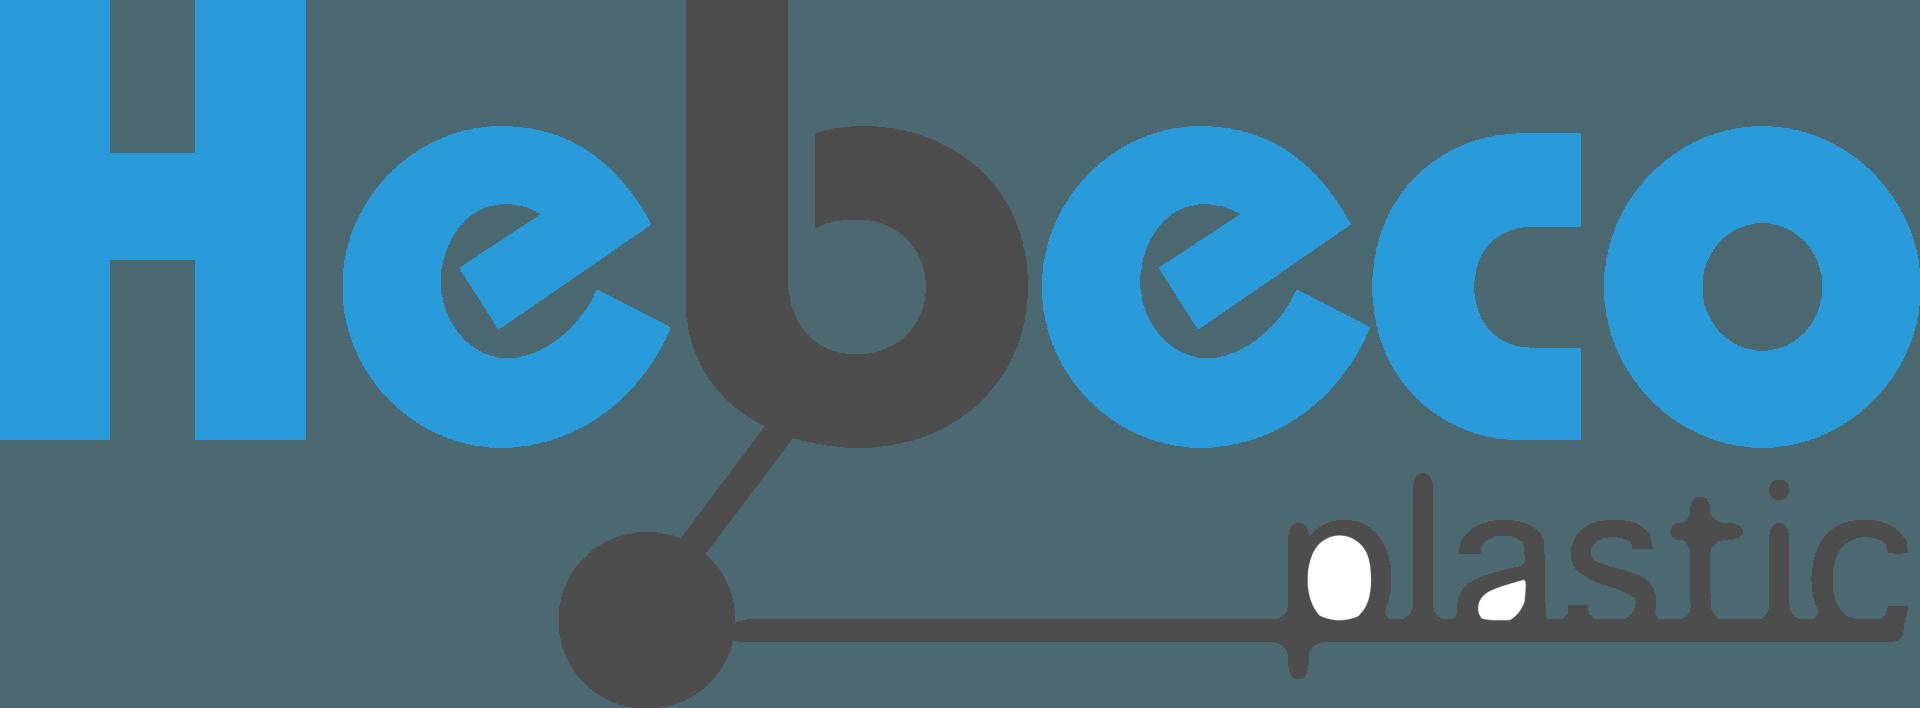 Découvrez les lauréats des Global Industrie Awards 2020. dans - - - AGENDA : logo+Hebeco+2019-afc1efb3-1920w